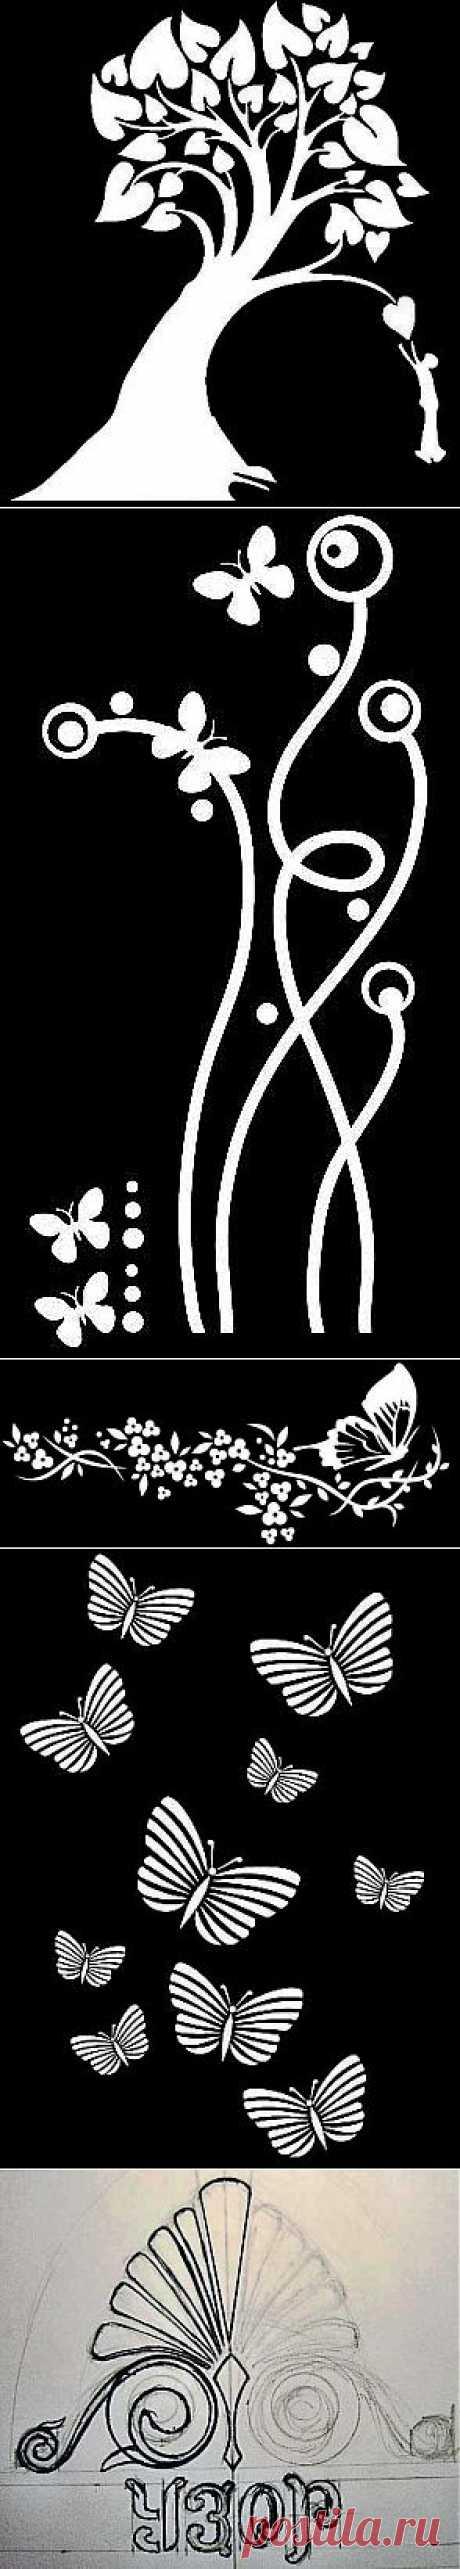 @ Декор стен своими руками – трафареты для декора стен | МОЙ МИЛЫЙ ДОМ – идеи рукоделия, вязание, декорирование интерьеров